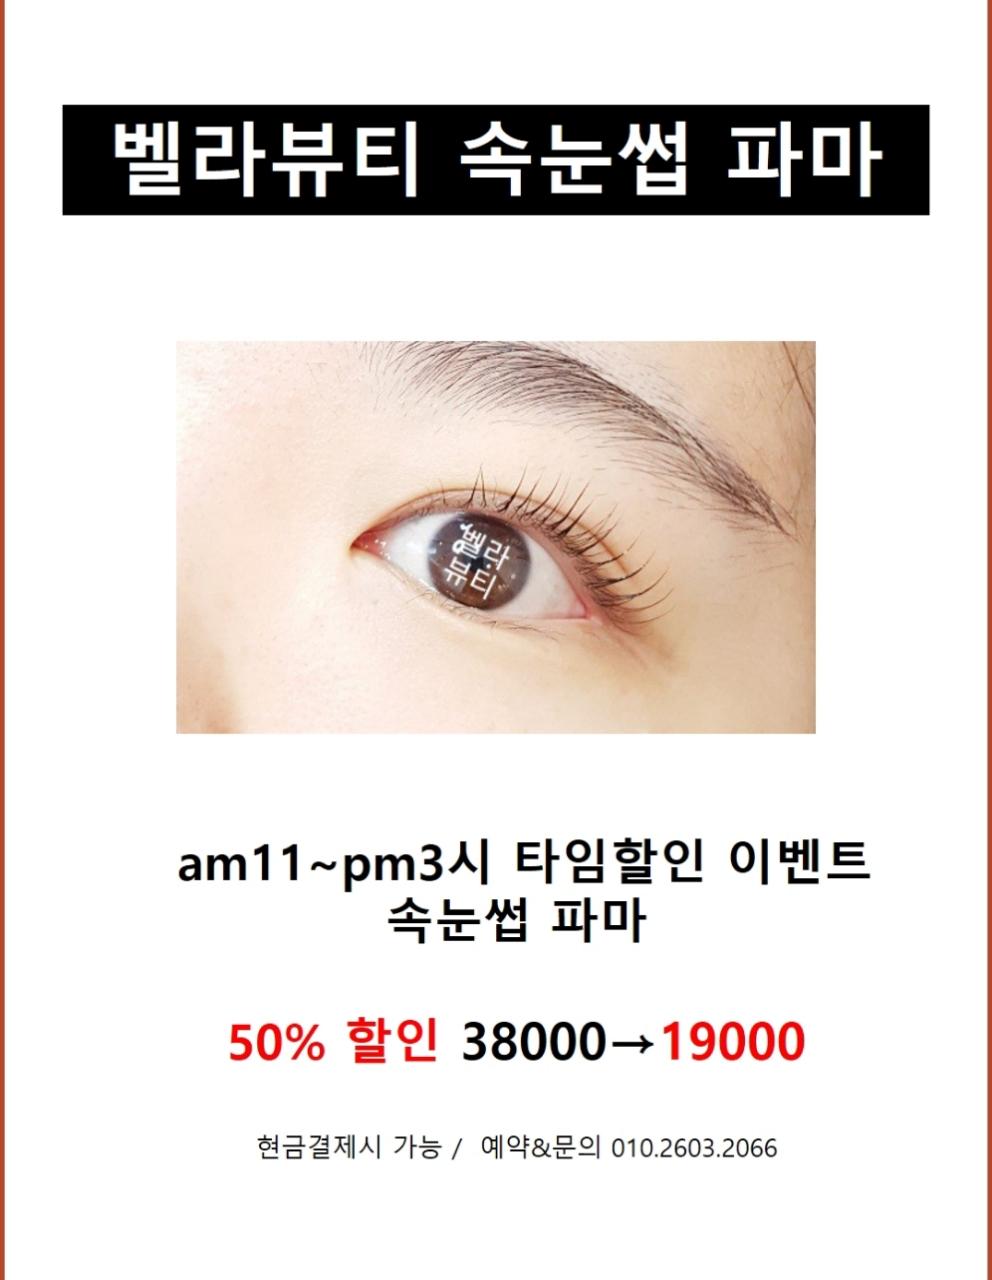 송파.잠실 속눈썹 파마 전문샵 벨라뷰티 할인 이벤트